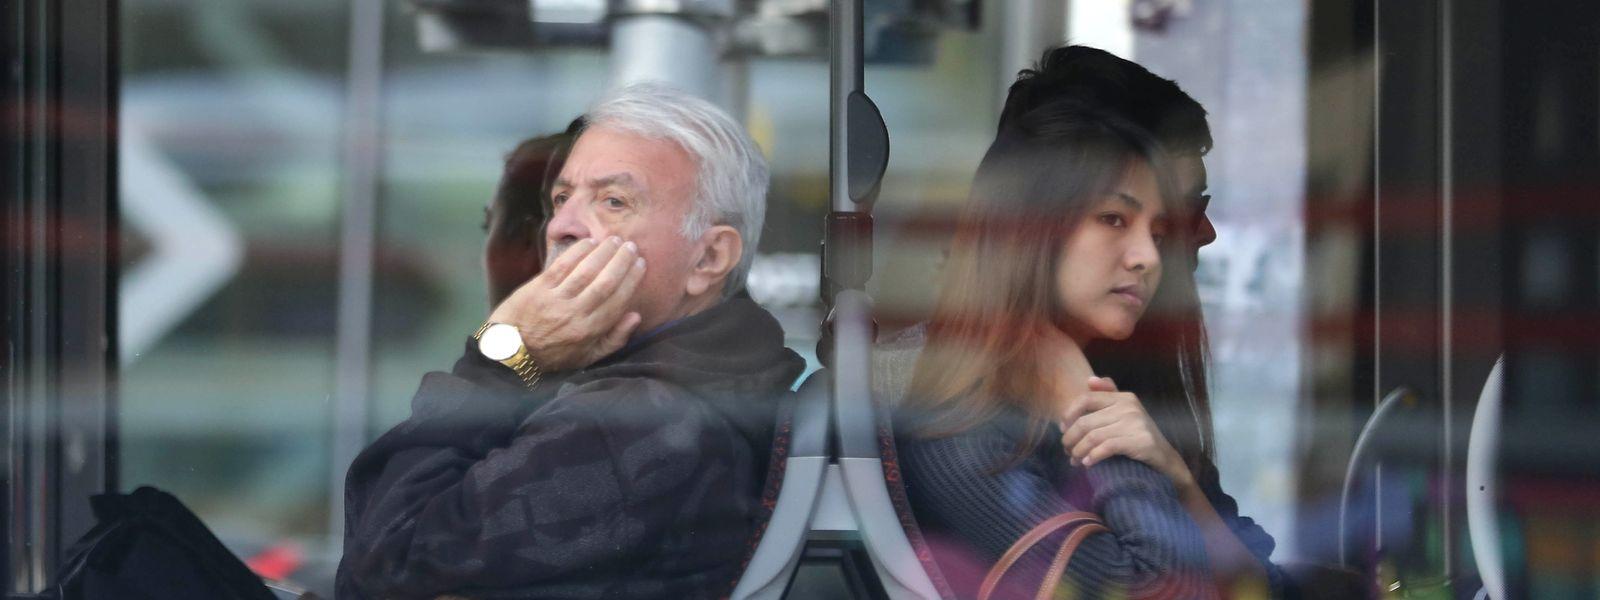 Des tarifs préférentiels ont déjà cours dans les Autobus de Luxembourg-Ville: les seniors paient par exemple leur abonnement annuel 100 euros pour autant de voyages qu'ils souhaitent.